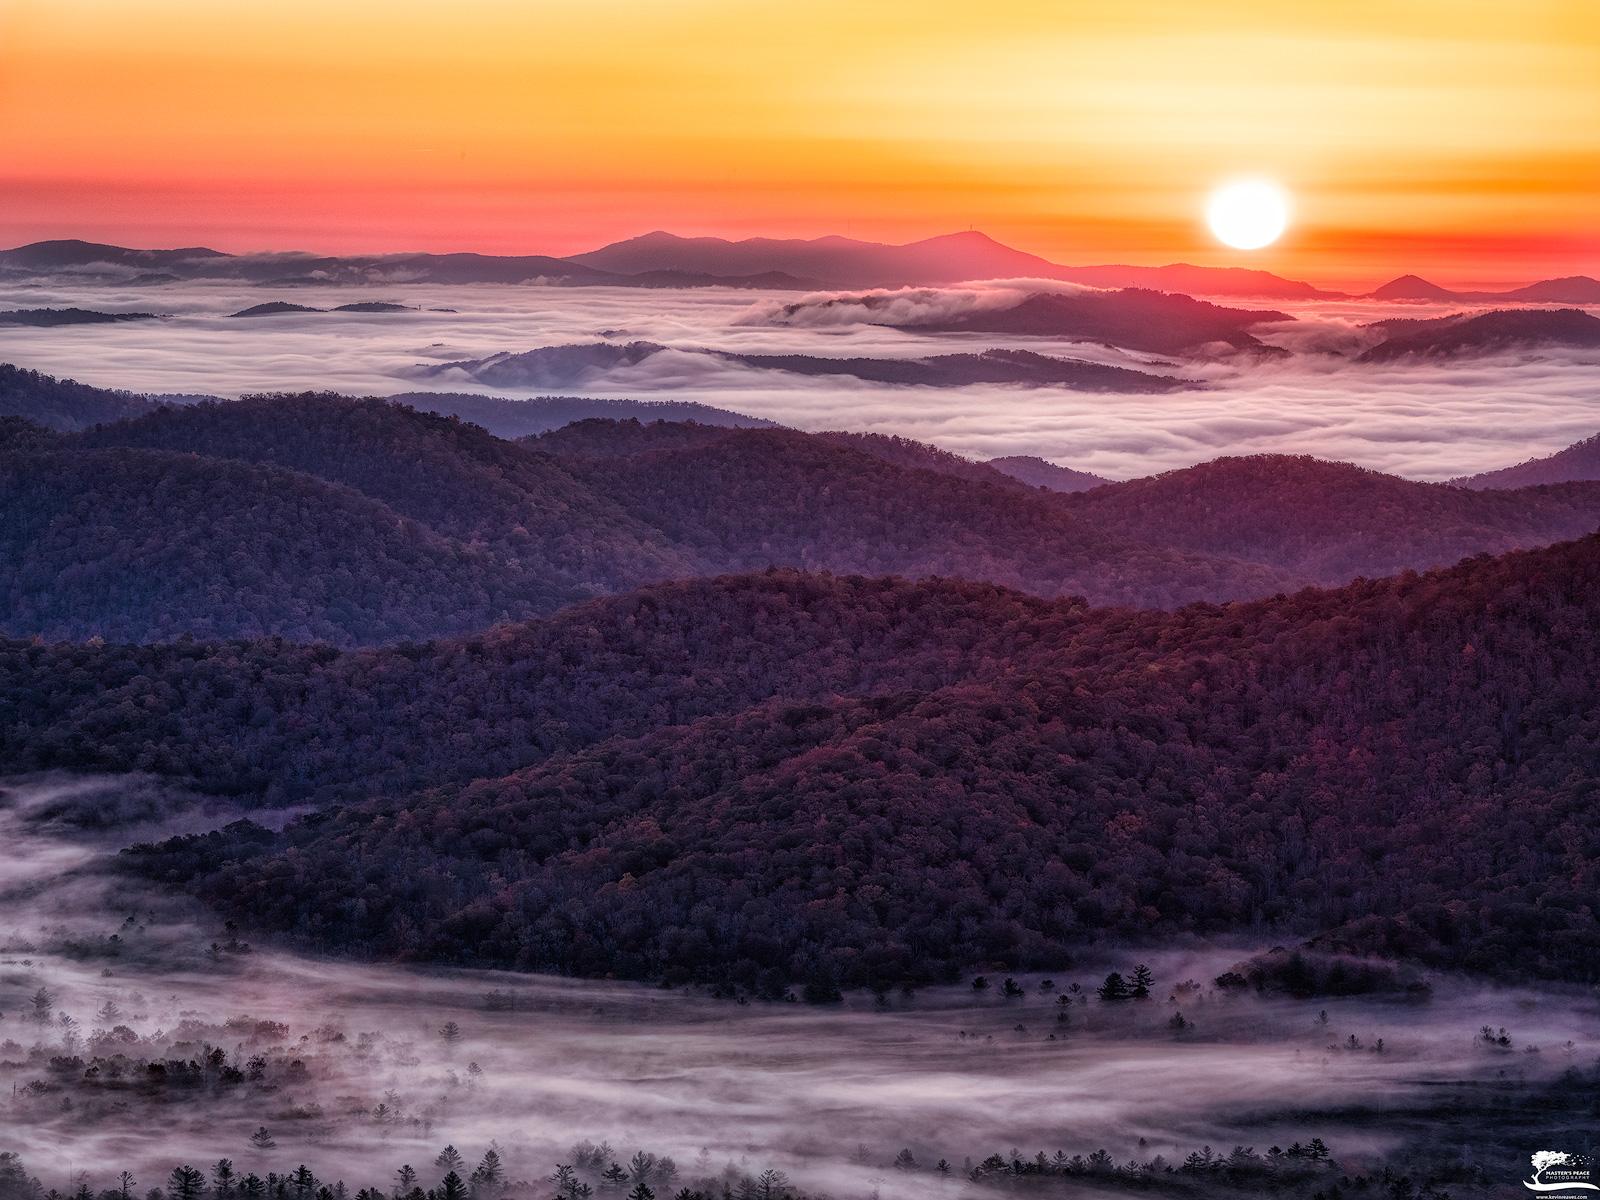 fog, valley, mountain, sun, blue, ridge, parkway, photo